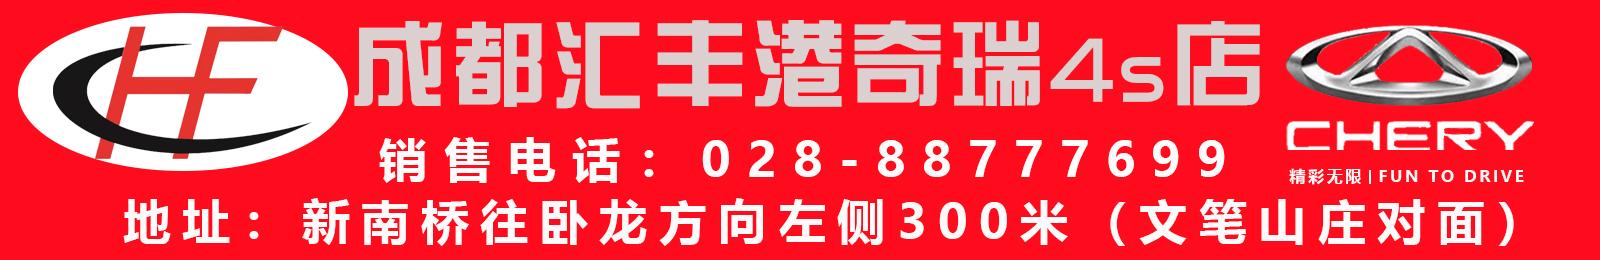 成都汇丰港奇瑞4S店